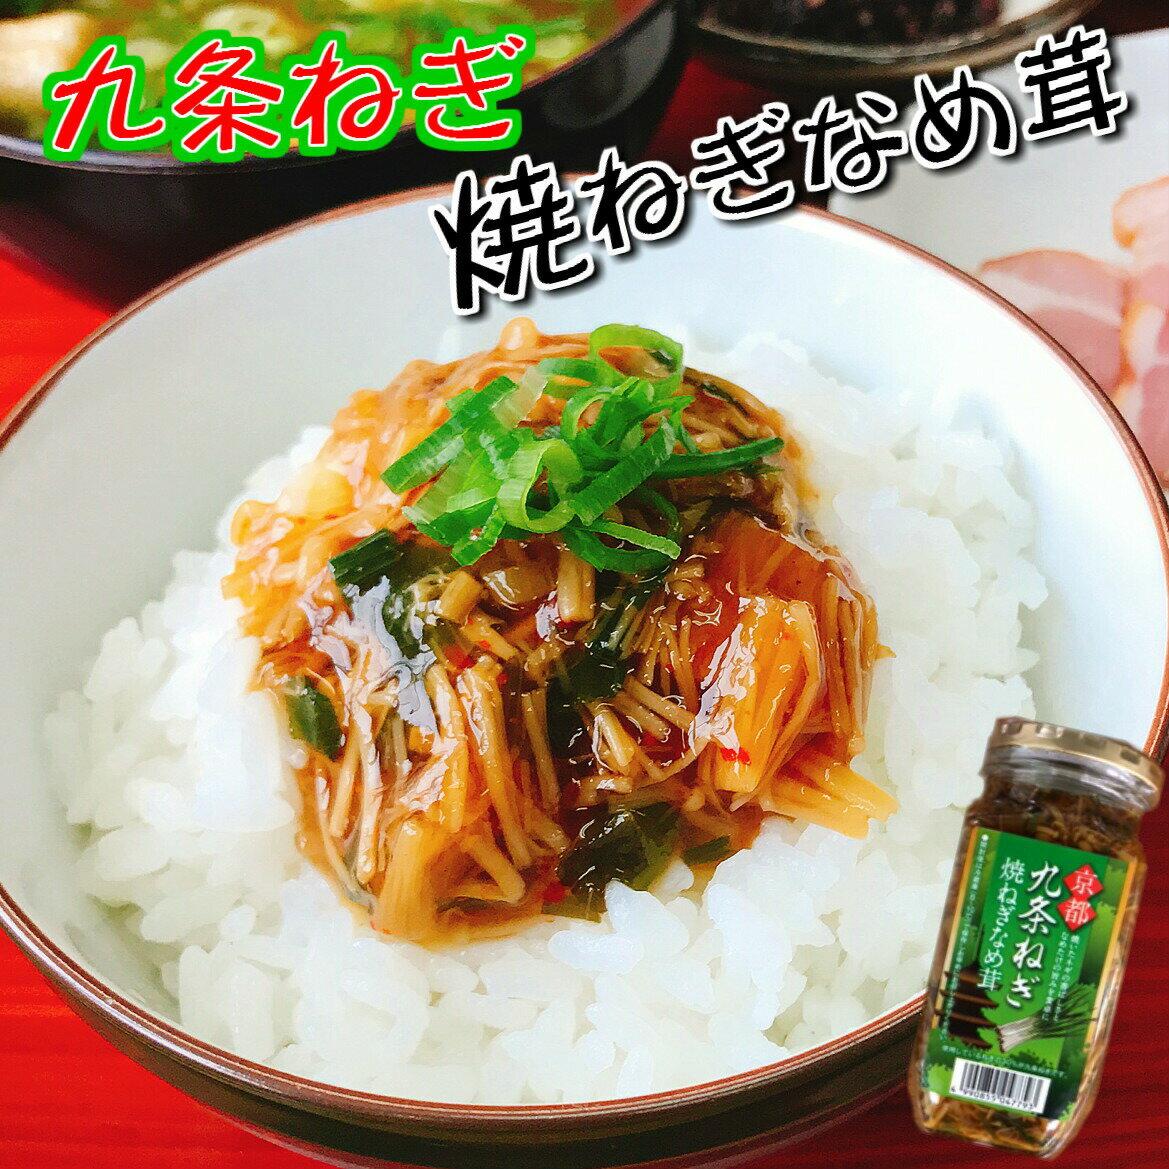 九条ねぎ 焼ねぎなめ茸380gご飯のお供 京都手土産/おみやげ